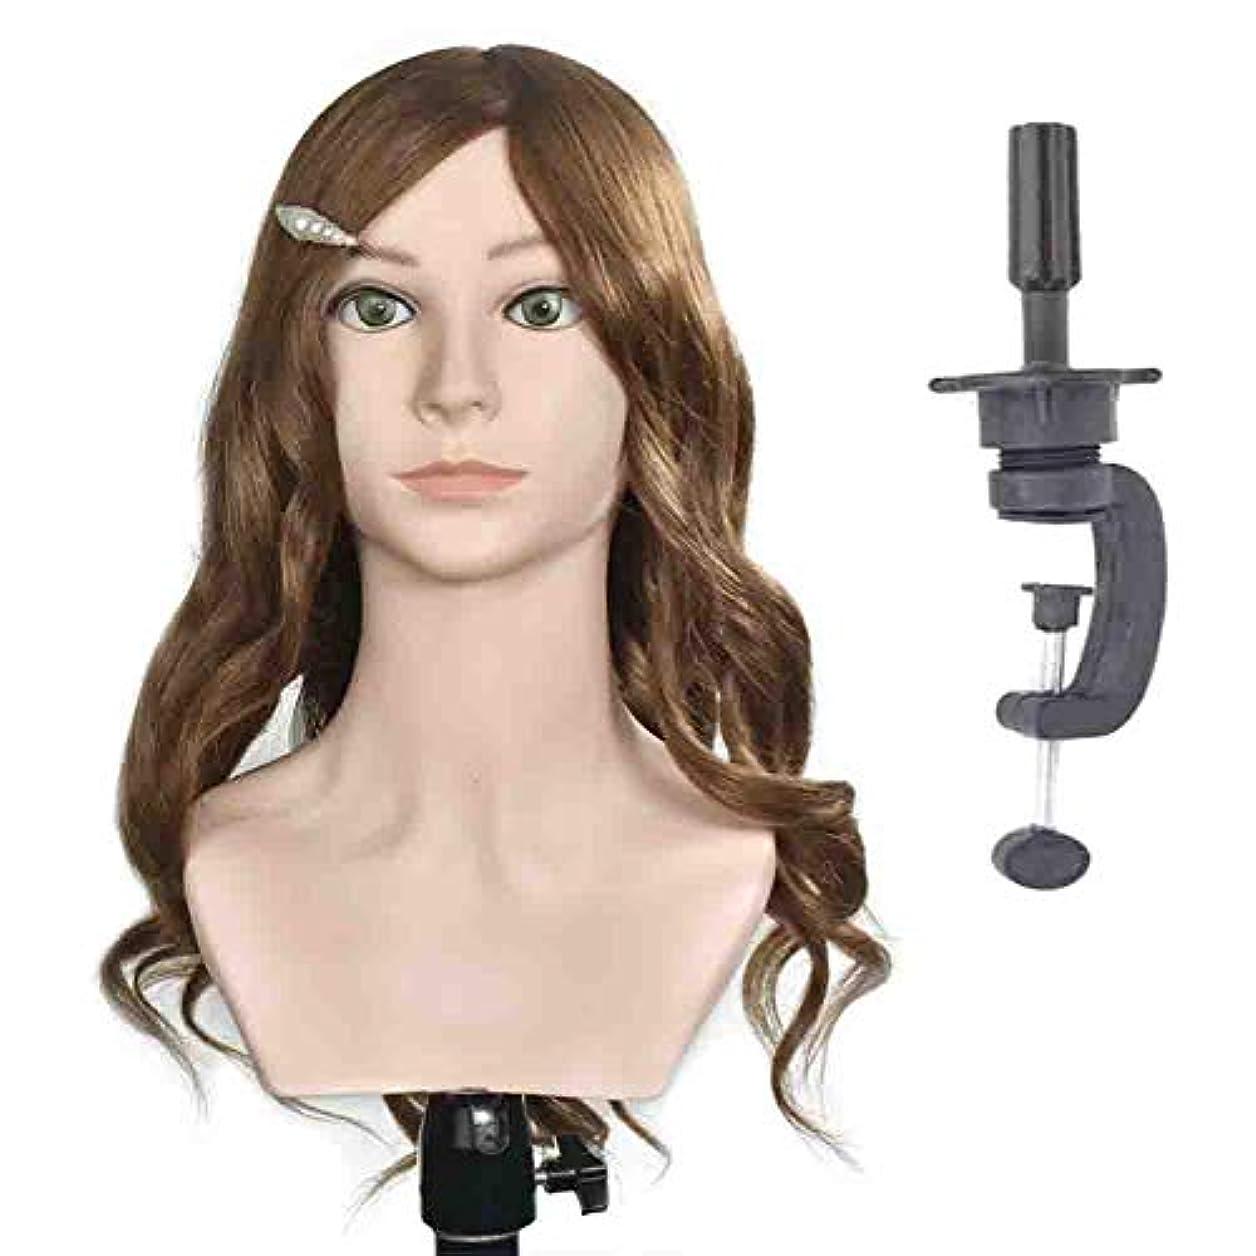 矛盾する帳面前奏曲完全な人毛ヘアスタイリングモデルヘッド女性モデルヘッドティーチングヘッド理髪店編組髪染め学習ダミーヘッド